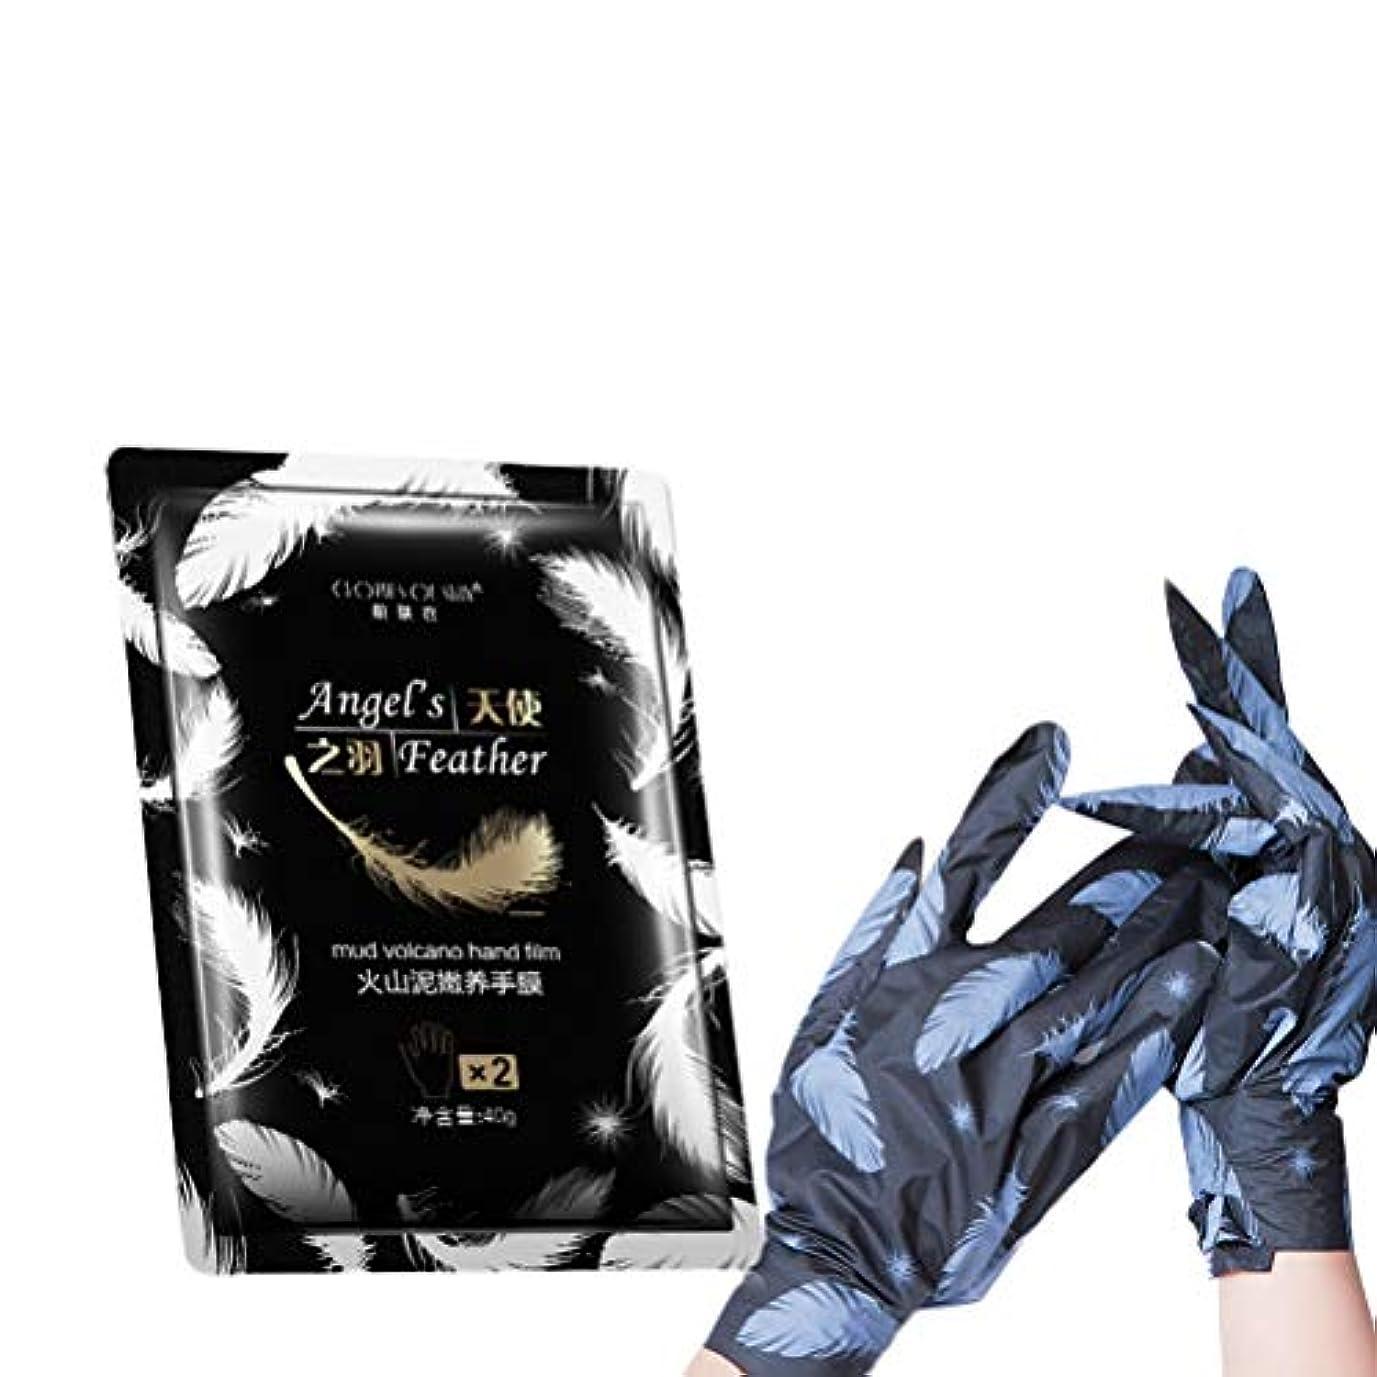 変装北東労働SUPVOX 乾燥肌のための保湿ハンドマスク保湿手袋栄養補給のためのハンドケアホワイトニング